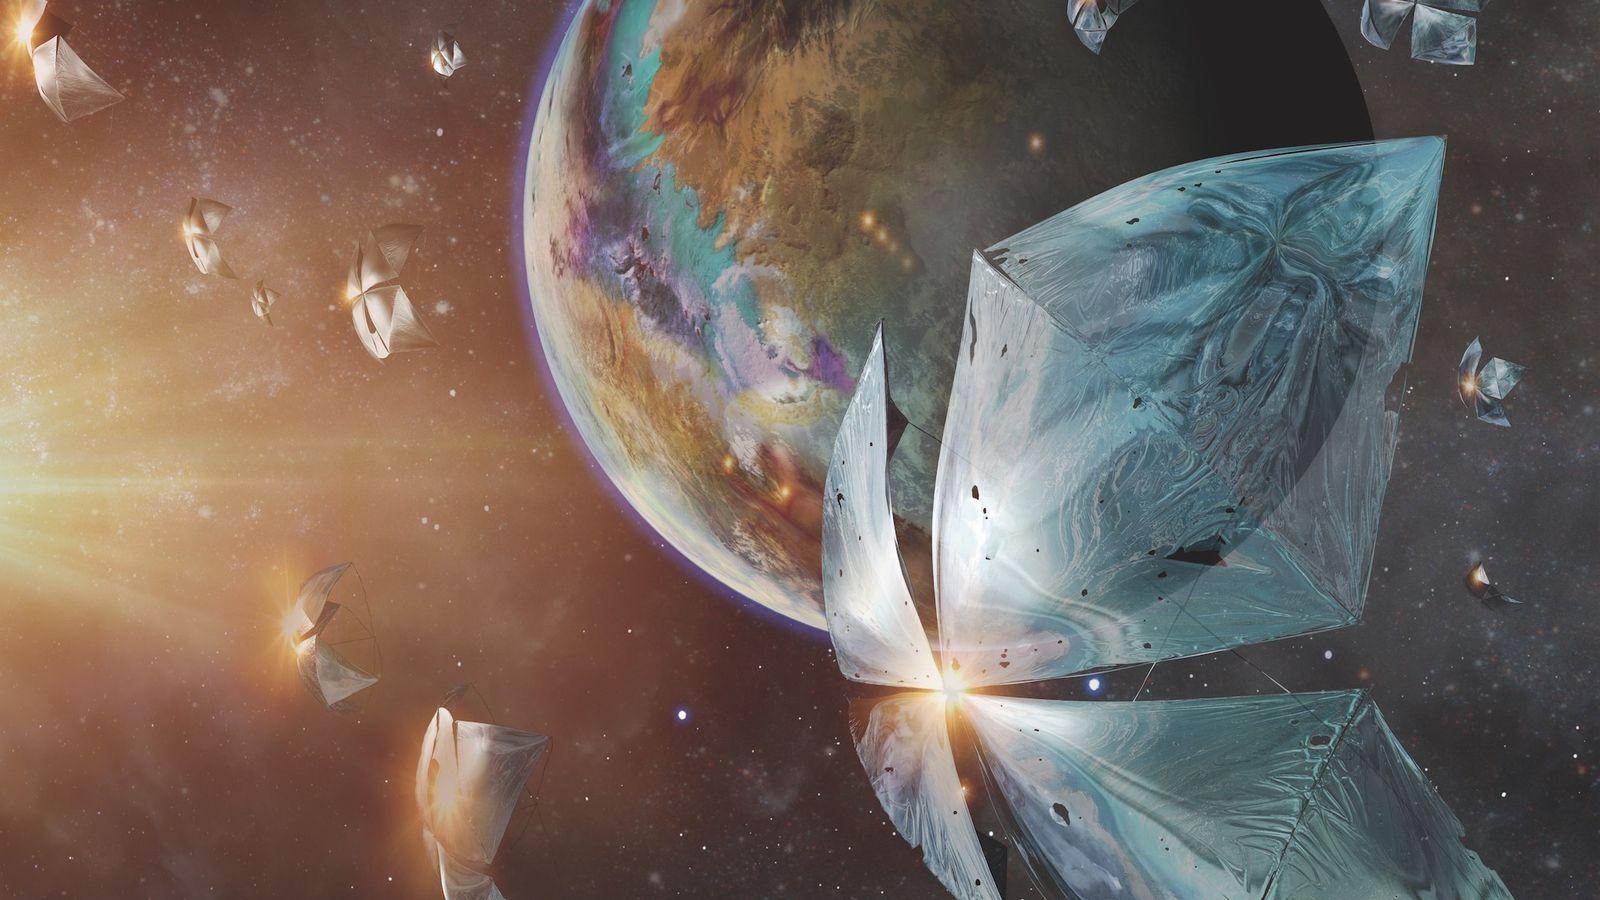 Velocidad mínima de la nave espacial hacia el planeta Proxima Centauri b en una ilustración de ...